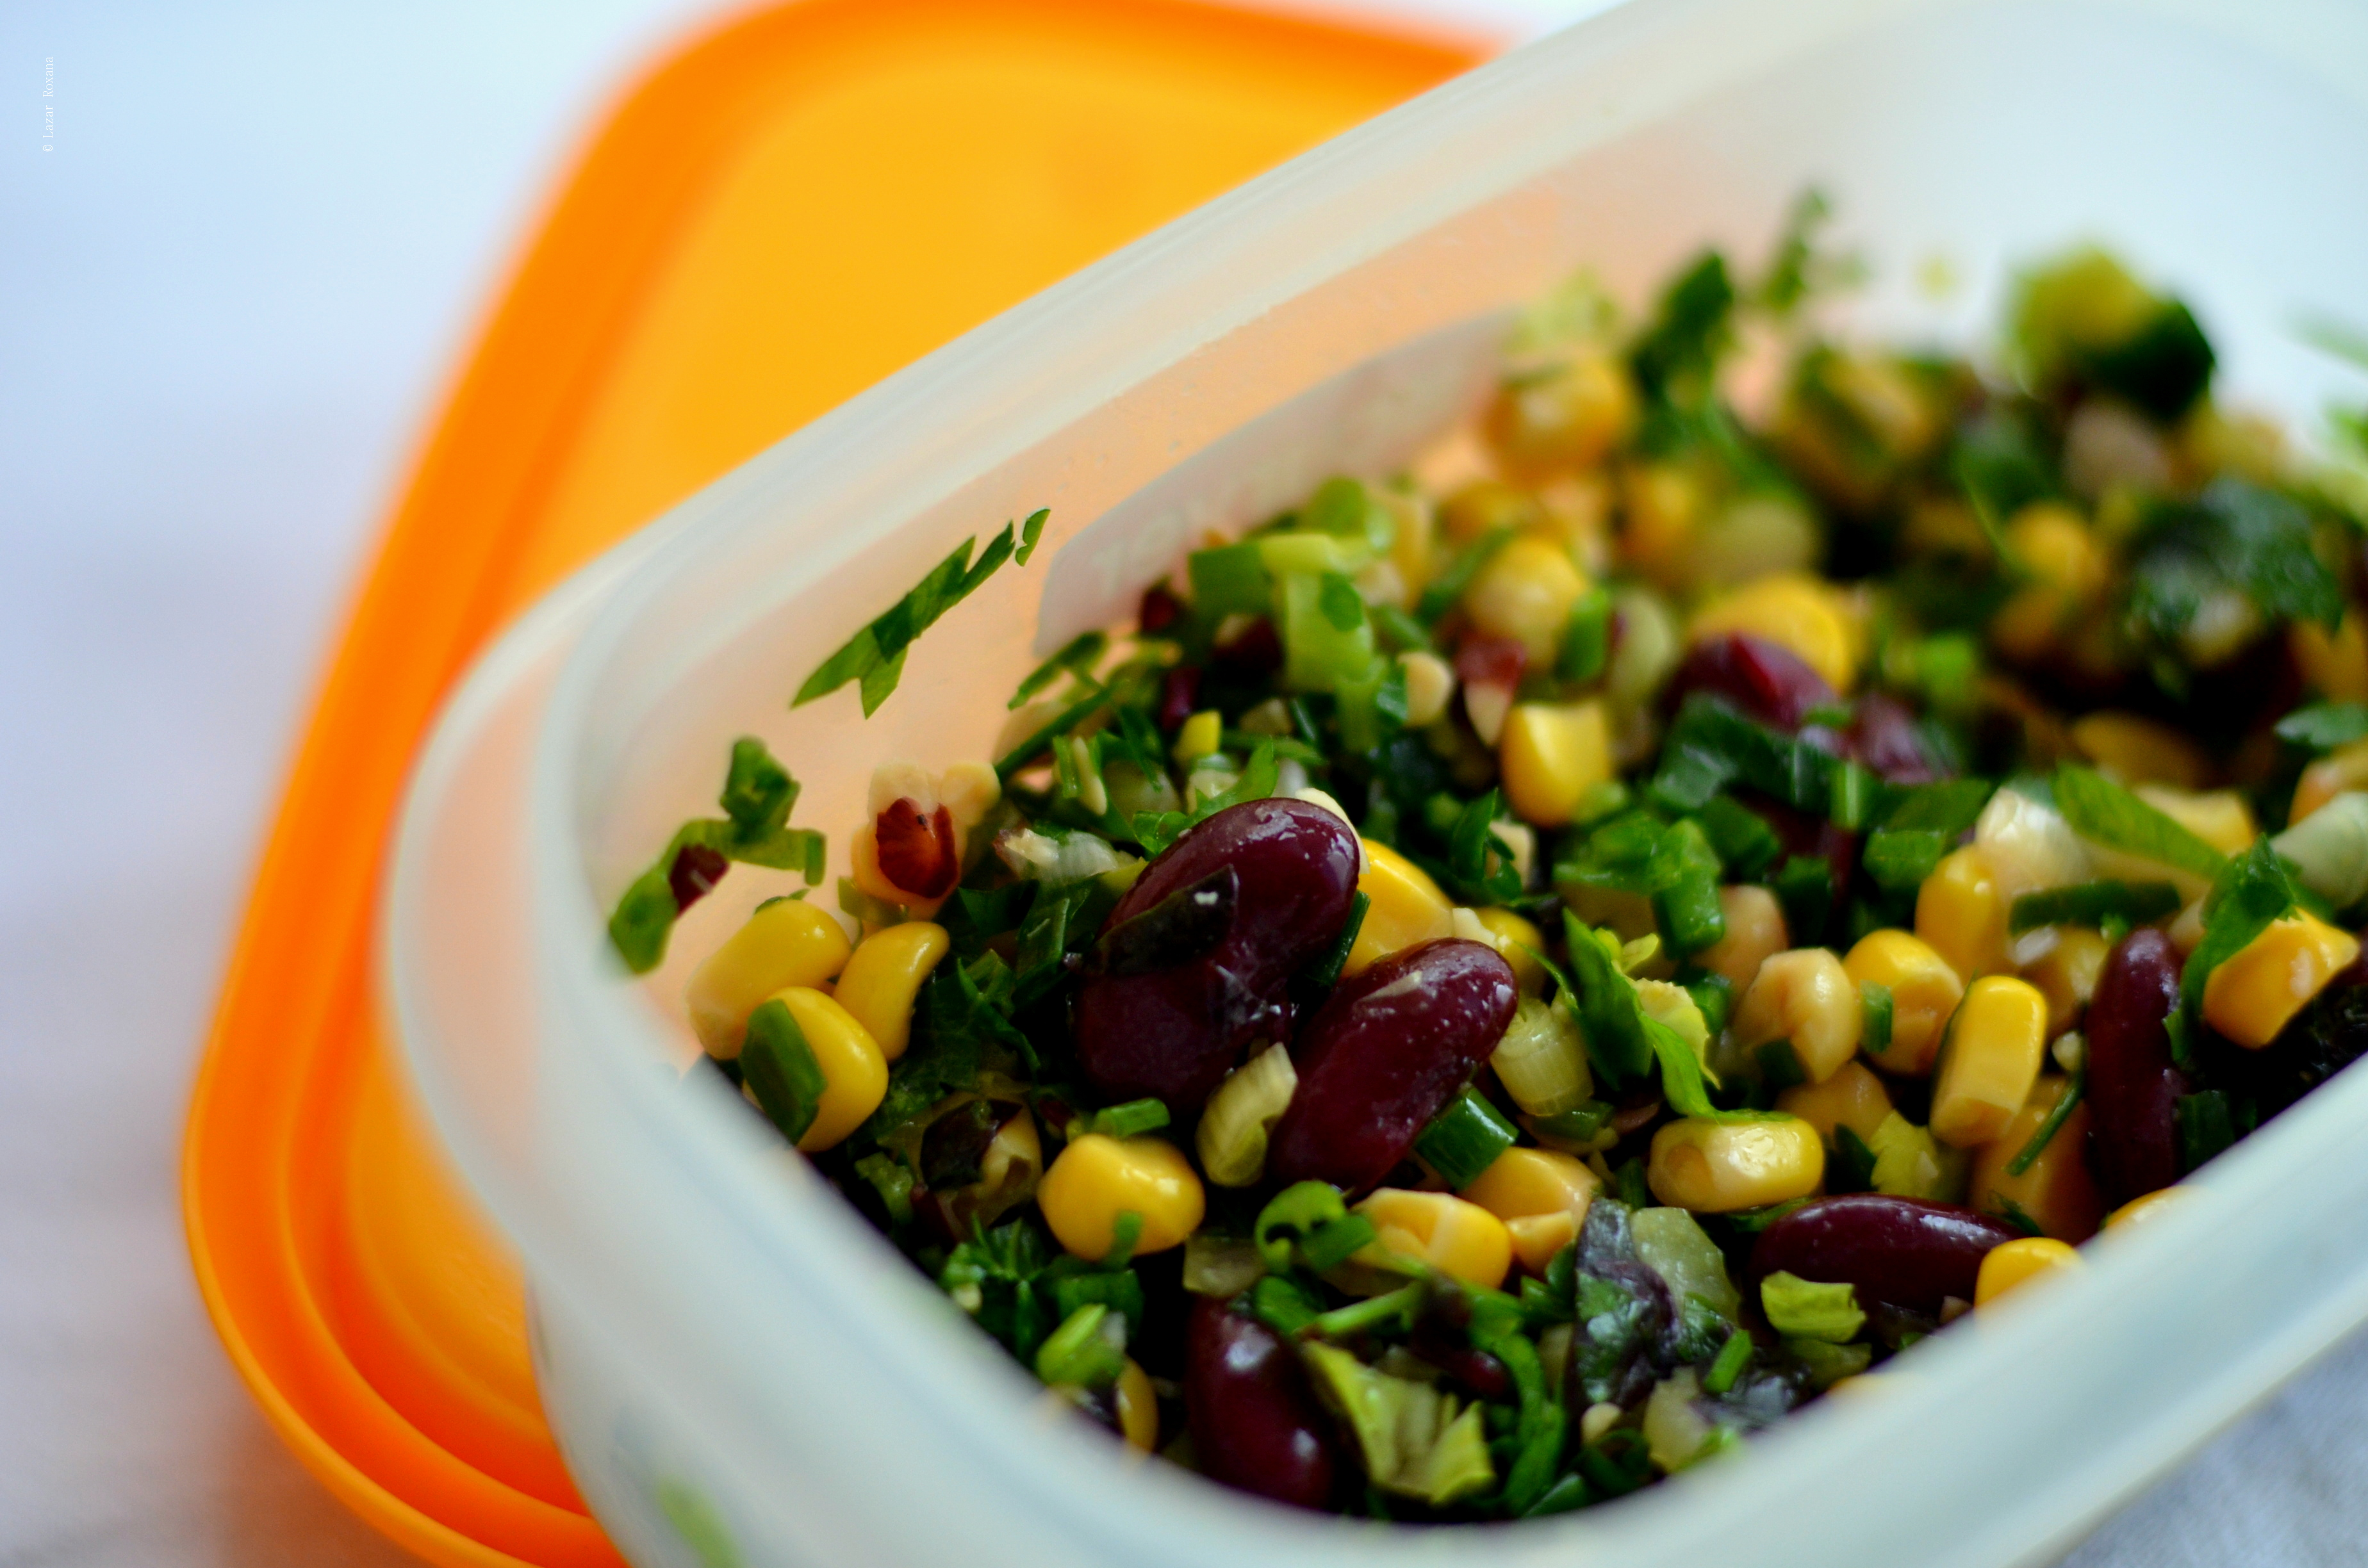 Caserola de serviciu: salata de fasole, porumb si verdeturi de primavara